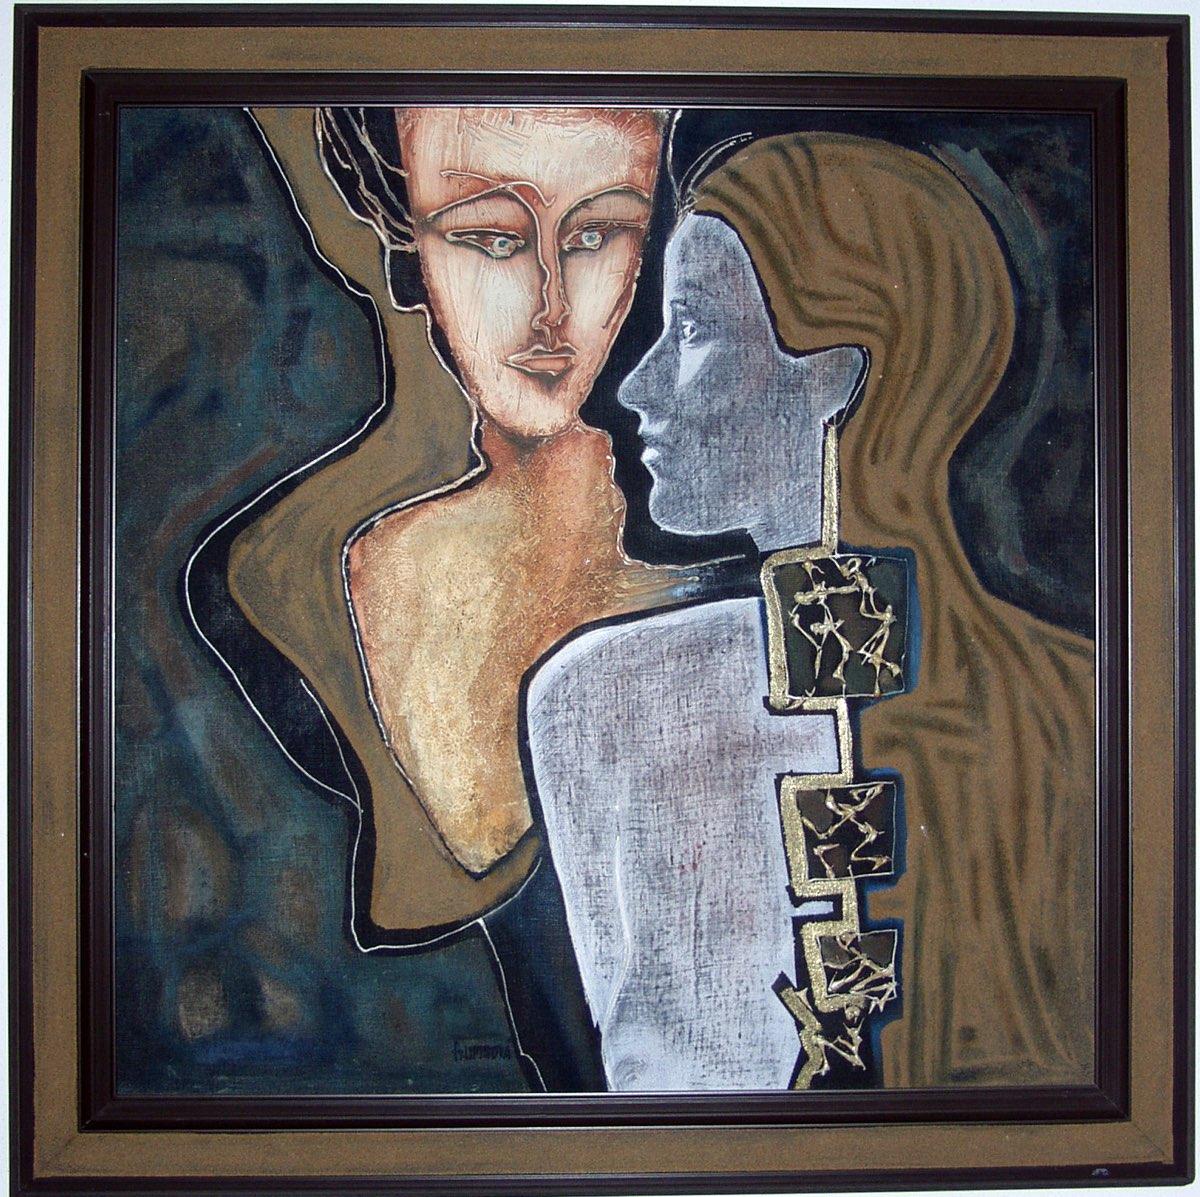 ALENA LIPINOVÁ Dvě - komb. tech., 70 x 70 cm